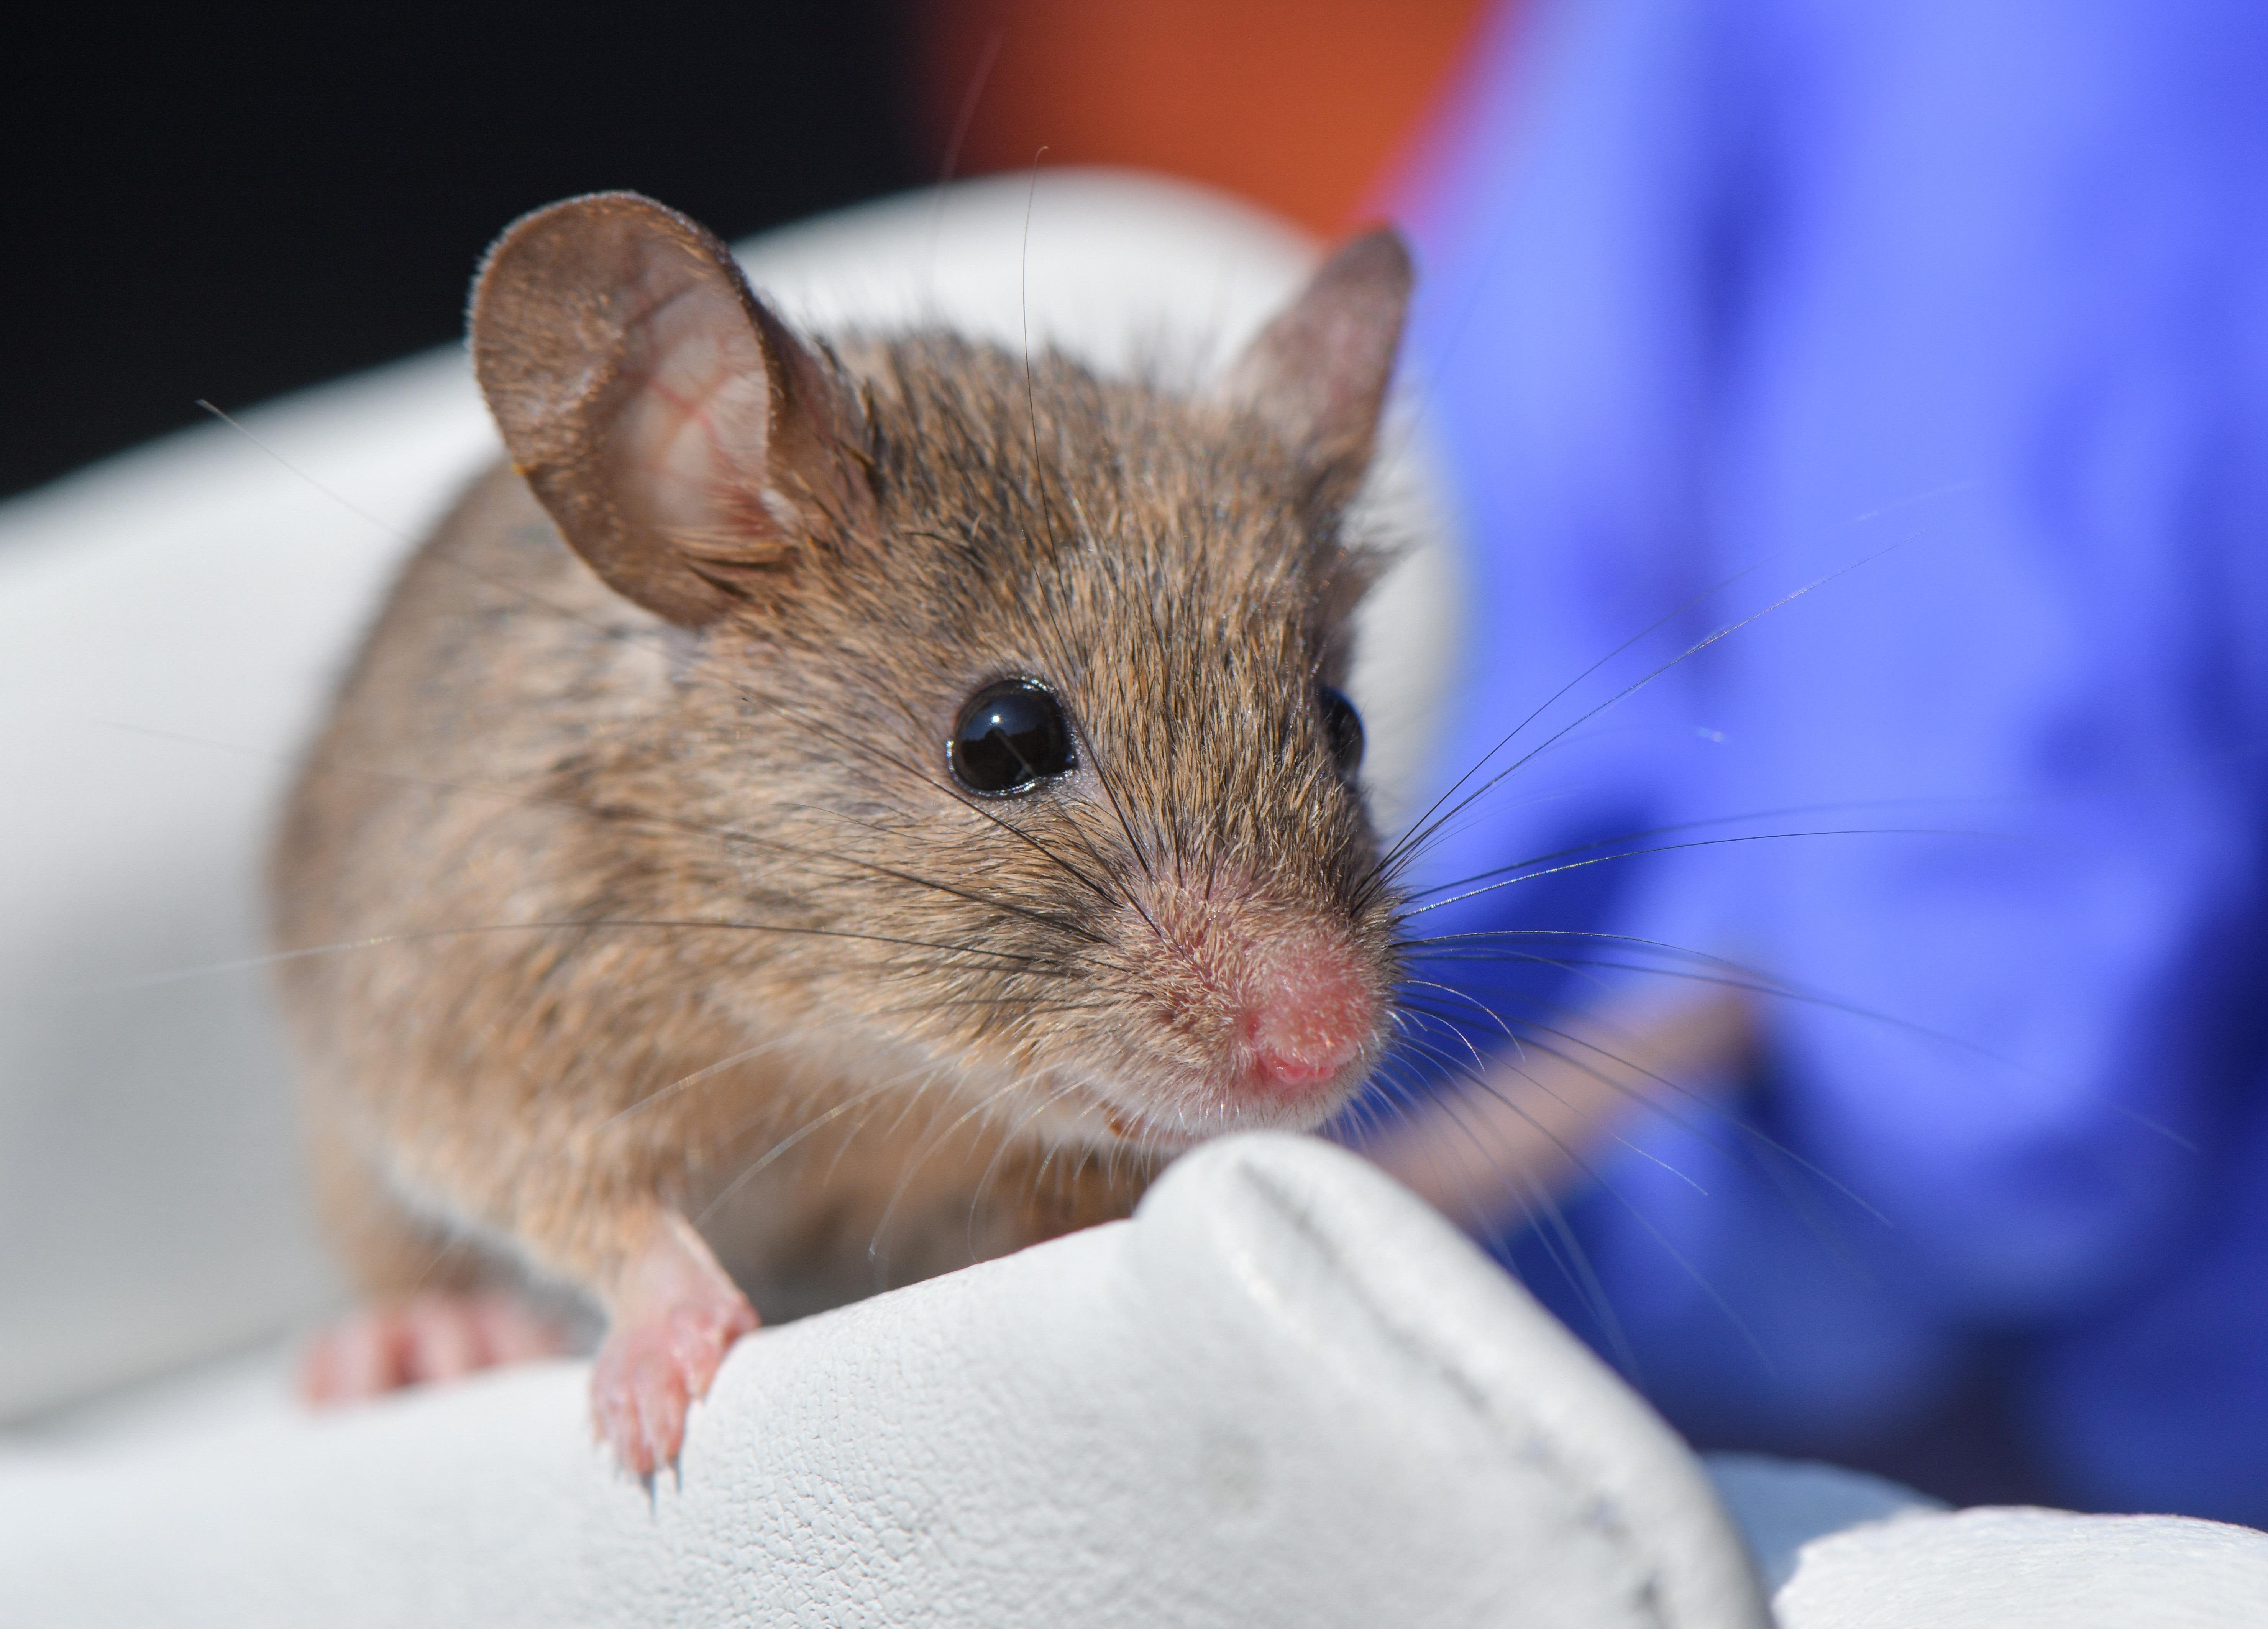 A búzacsírában, diófélékben és a férfiak ondójában lévő spermidin javítja az emlékezőképességet